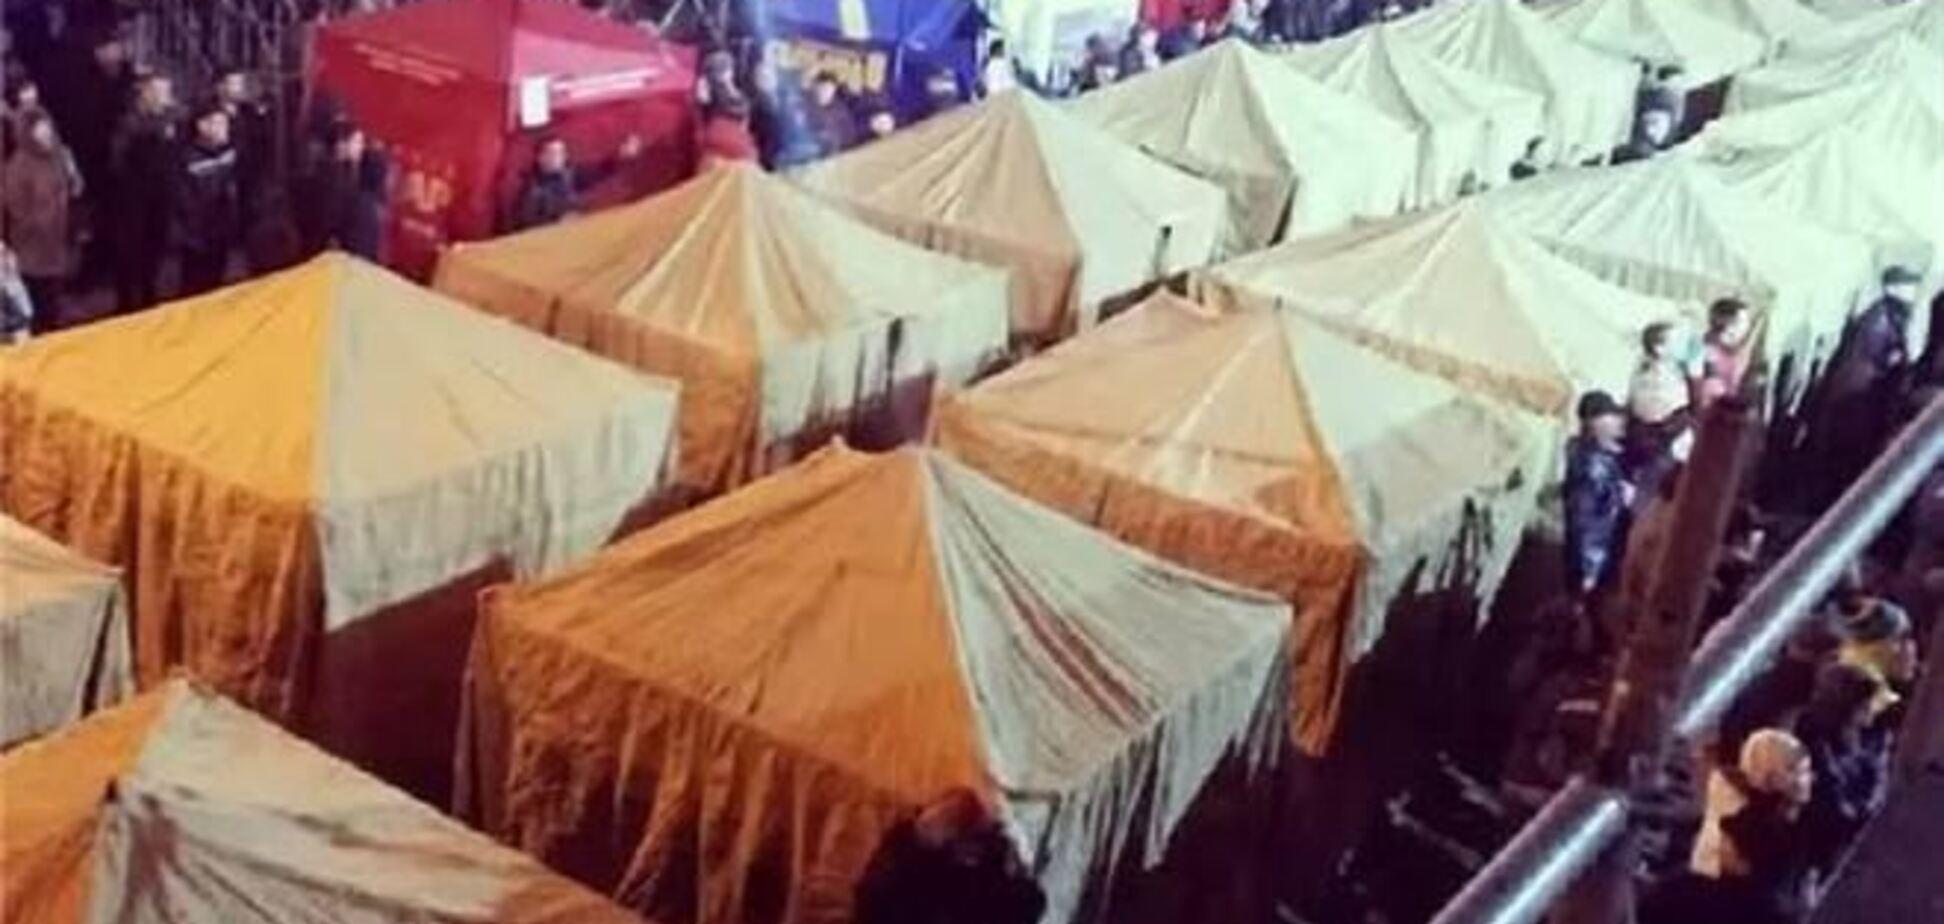 Палаточный городок Евромайдана просит поддержать его